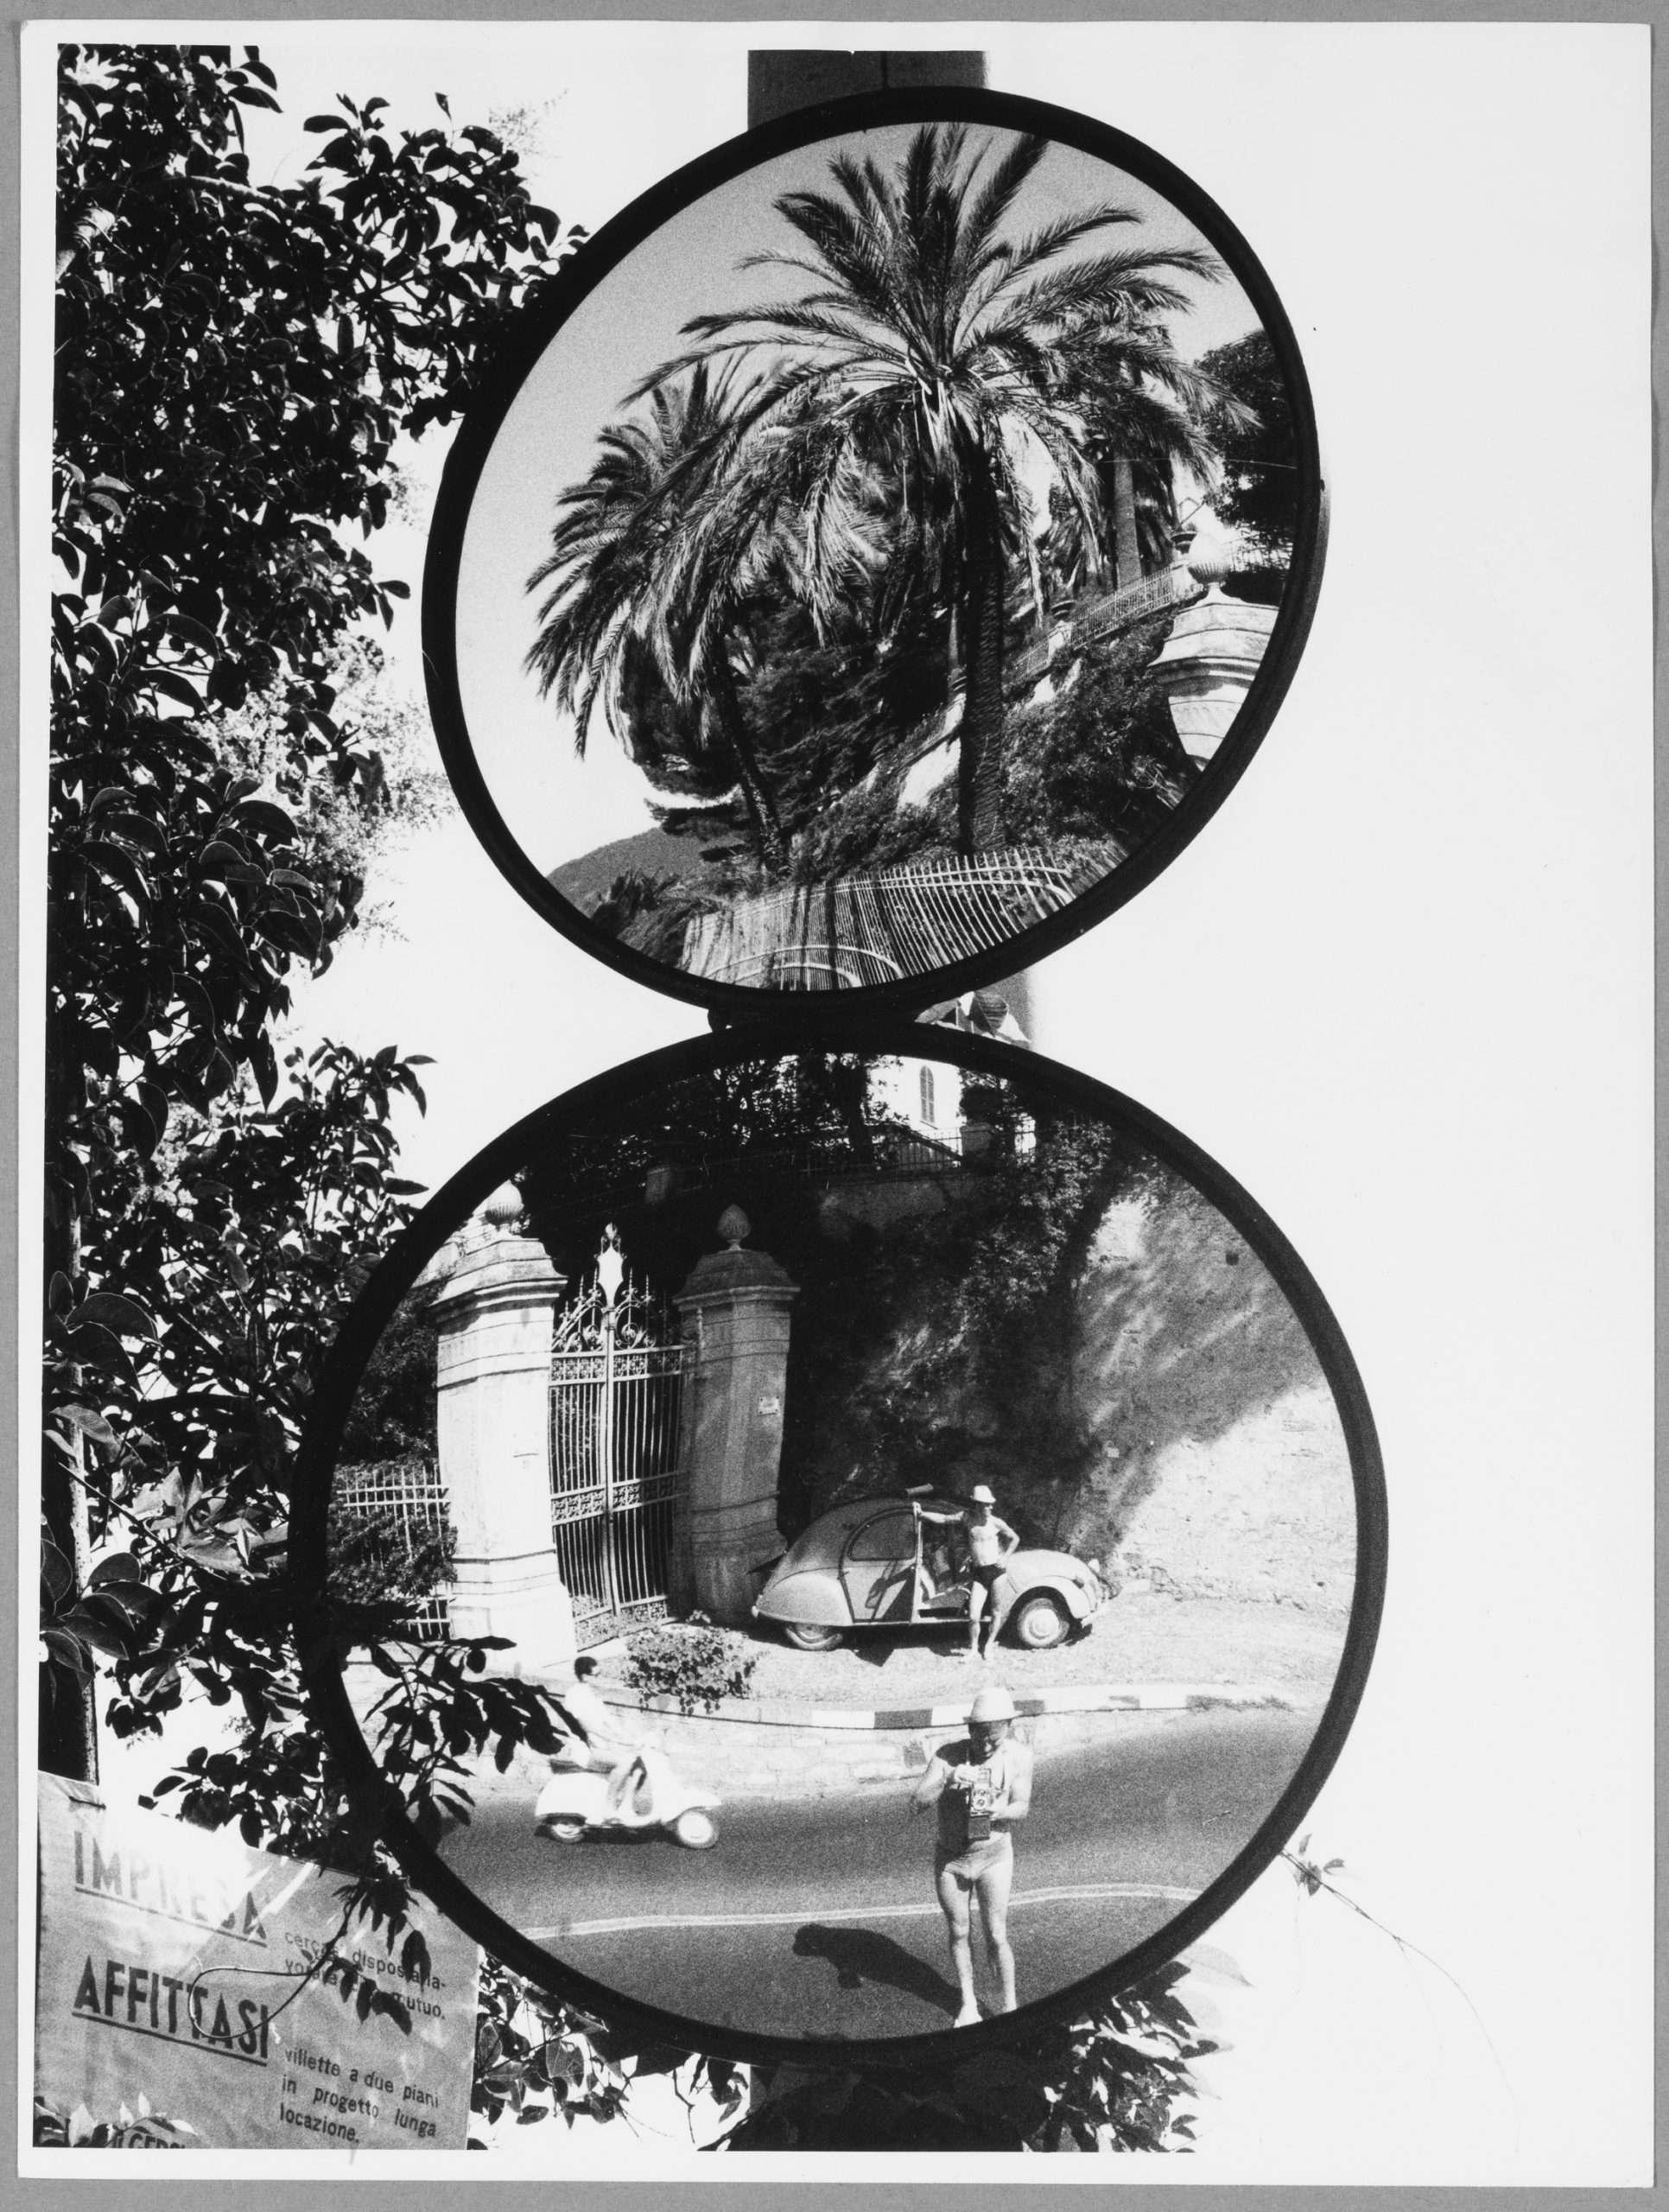 11. Shunk-Kender_Autoritratto, Italia, 1966